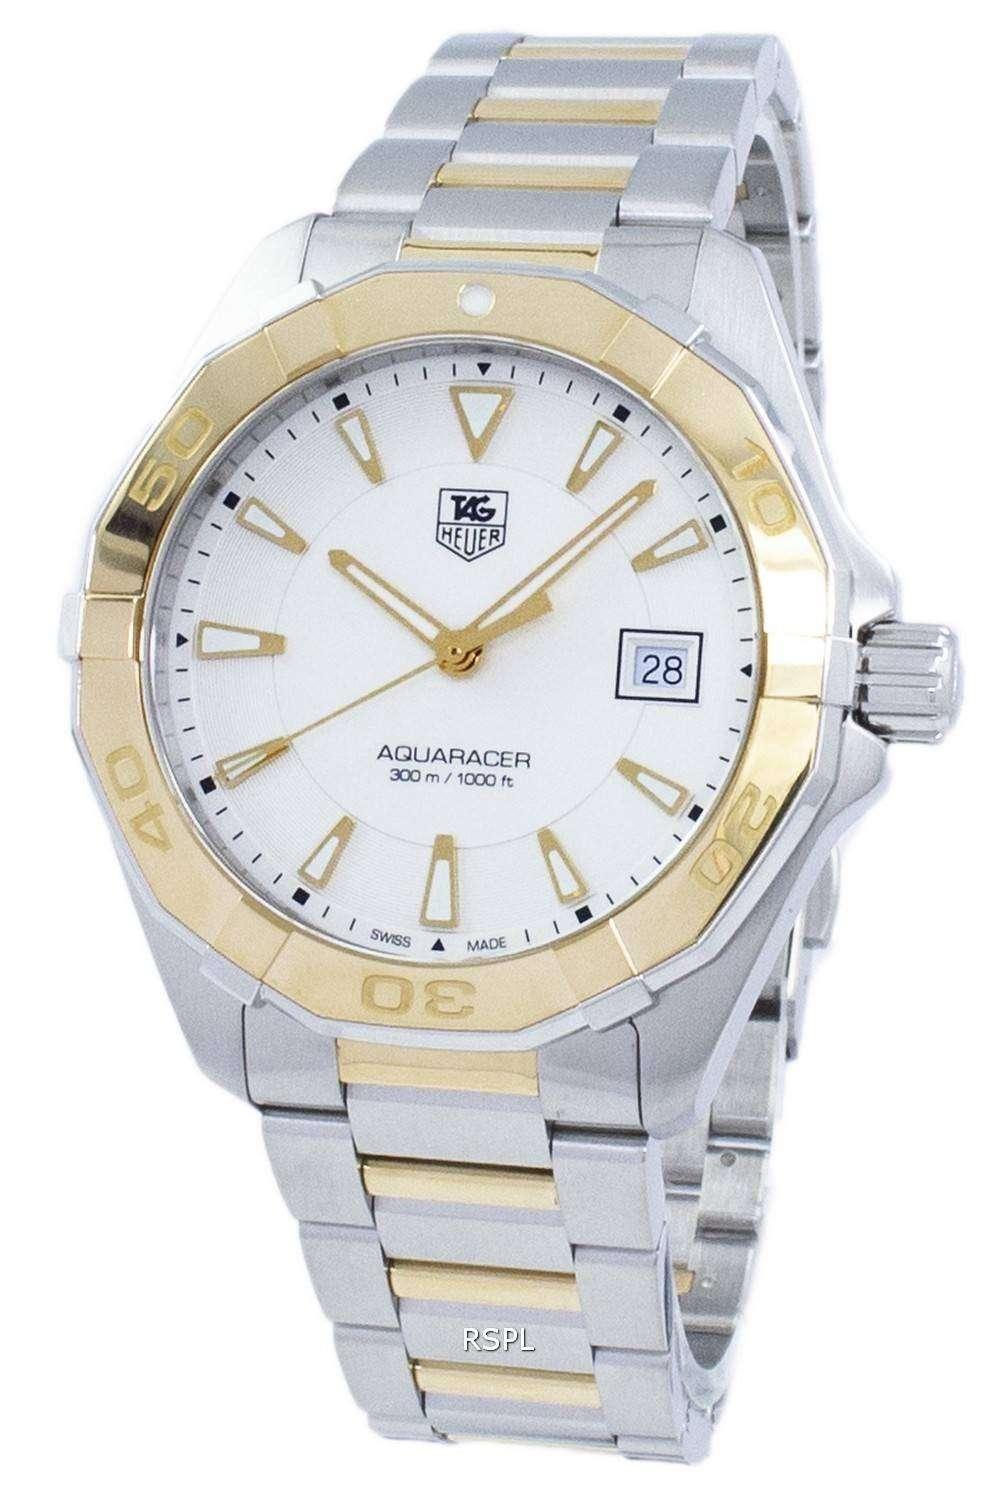 タグ ・ ホイヤー アクア レーサー クォーツ 300 M WAY1151。BD0912 メンズ腕時計